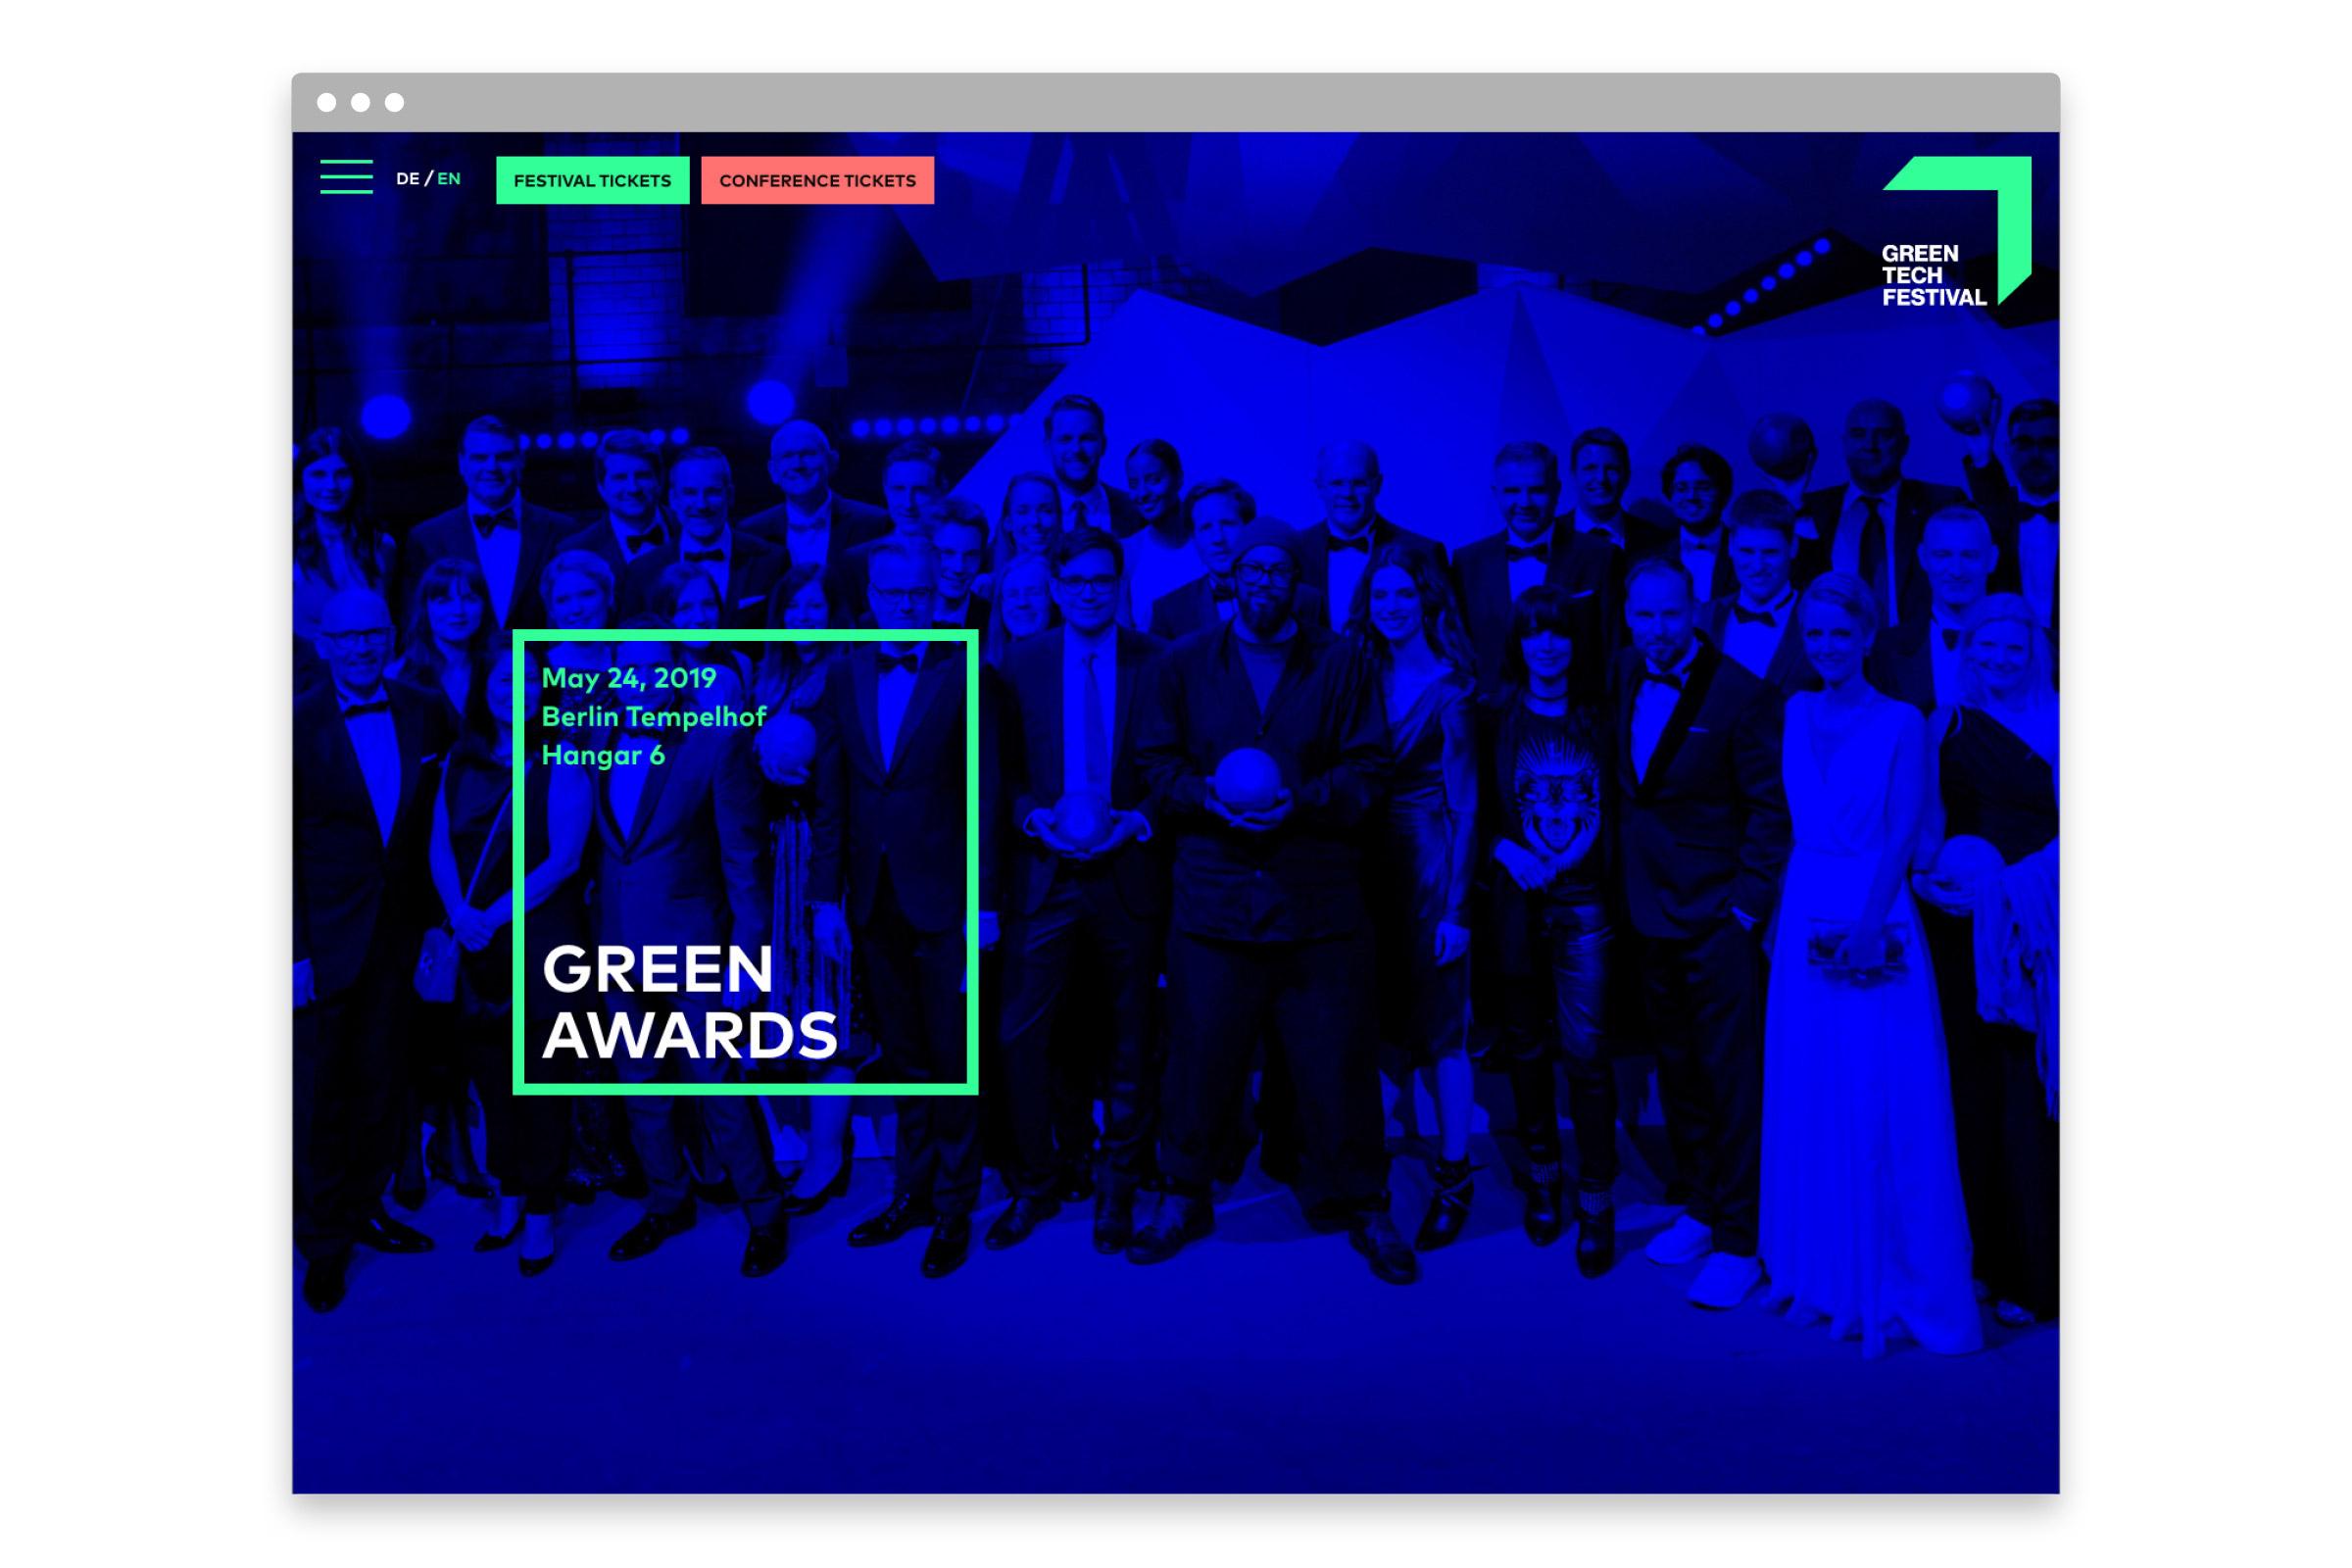 FLOK_GreenTech_Slides_7